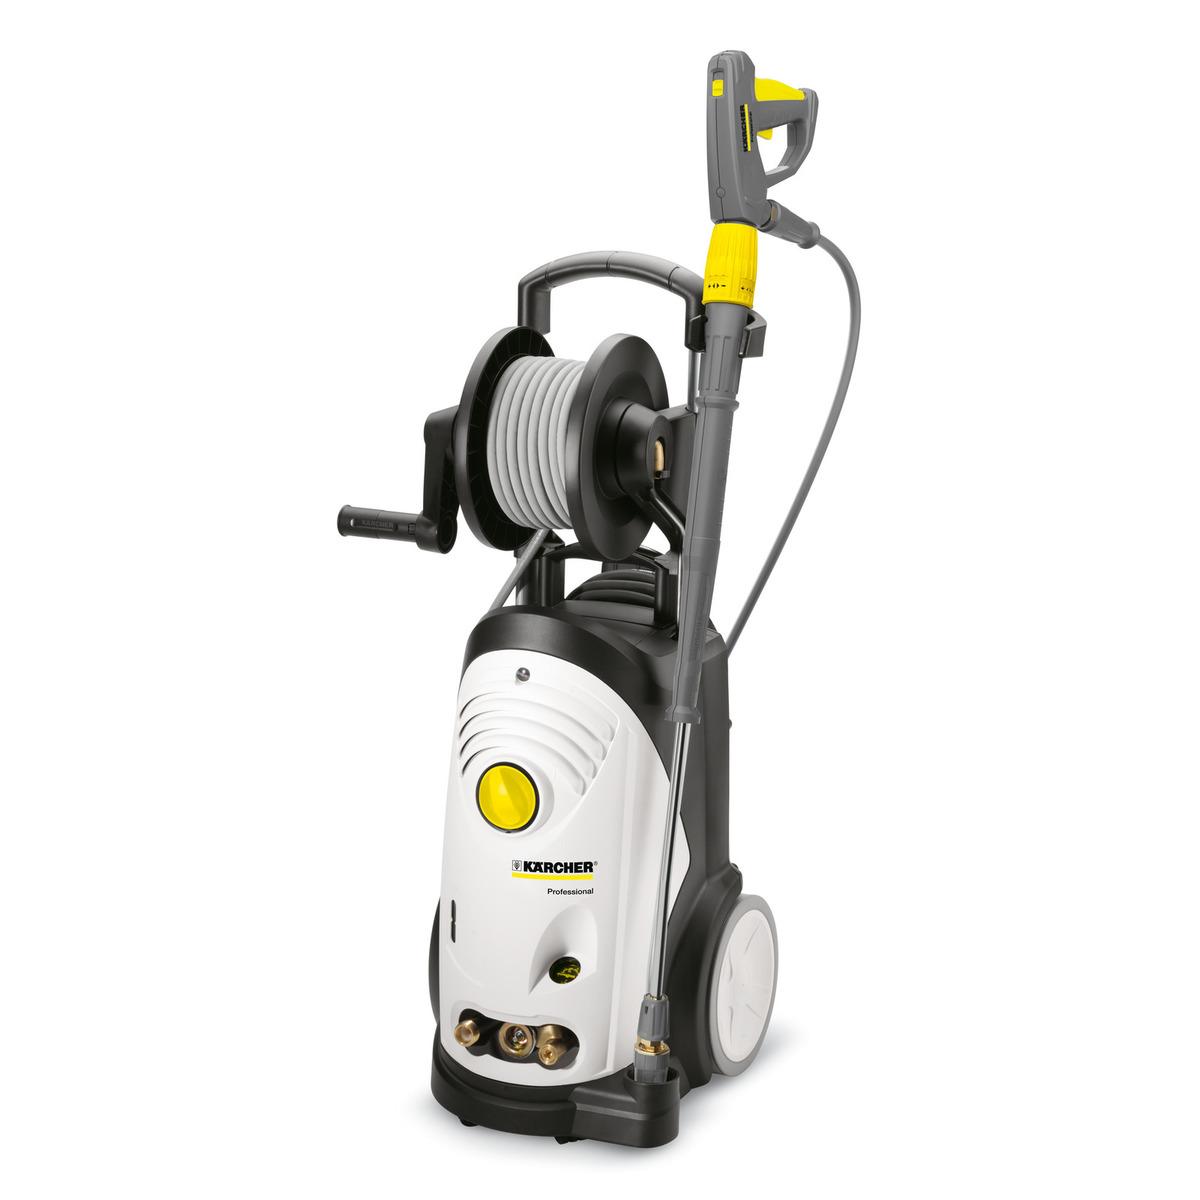 Karcher-Professional-Mašina-za-pranje-pod-visokim-pritiskom-za-prehrambenu-industriju-Karcher-HD 7-10 CXF